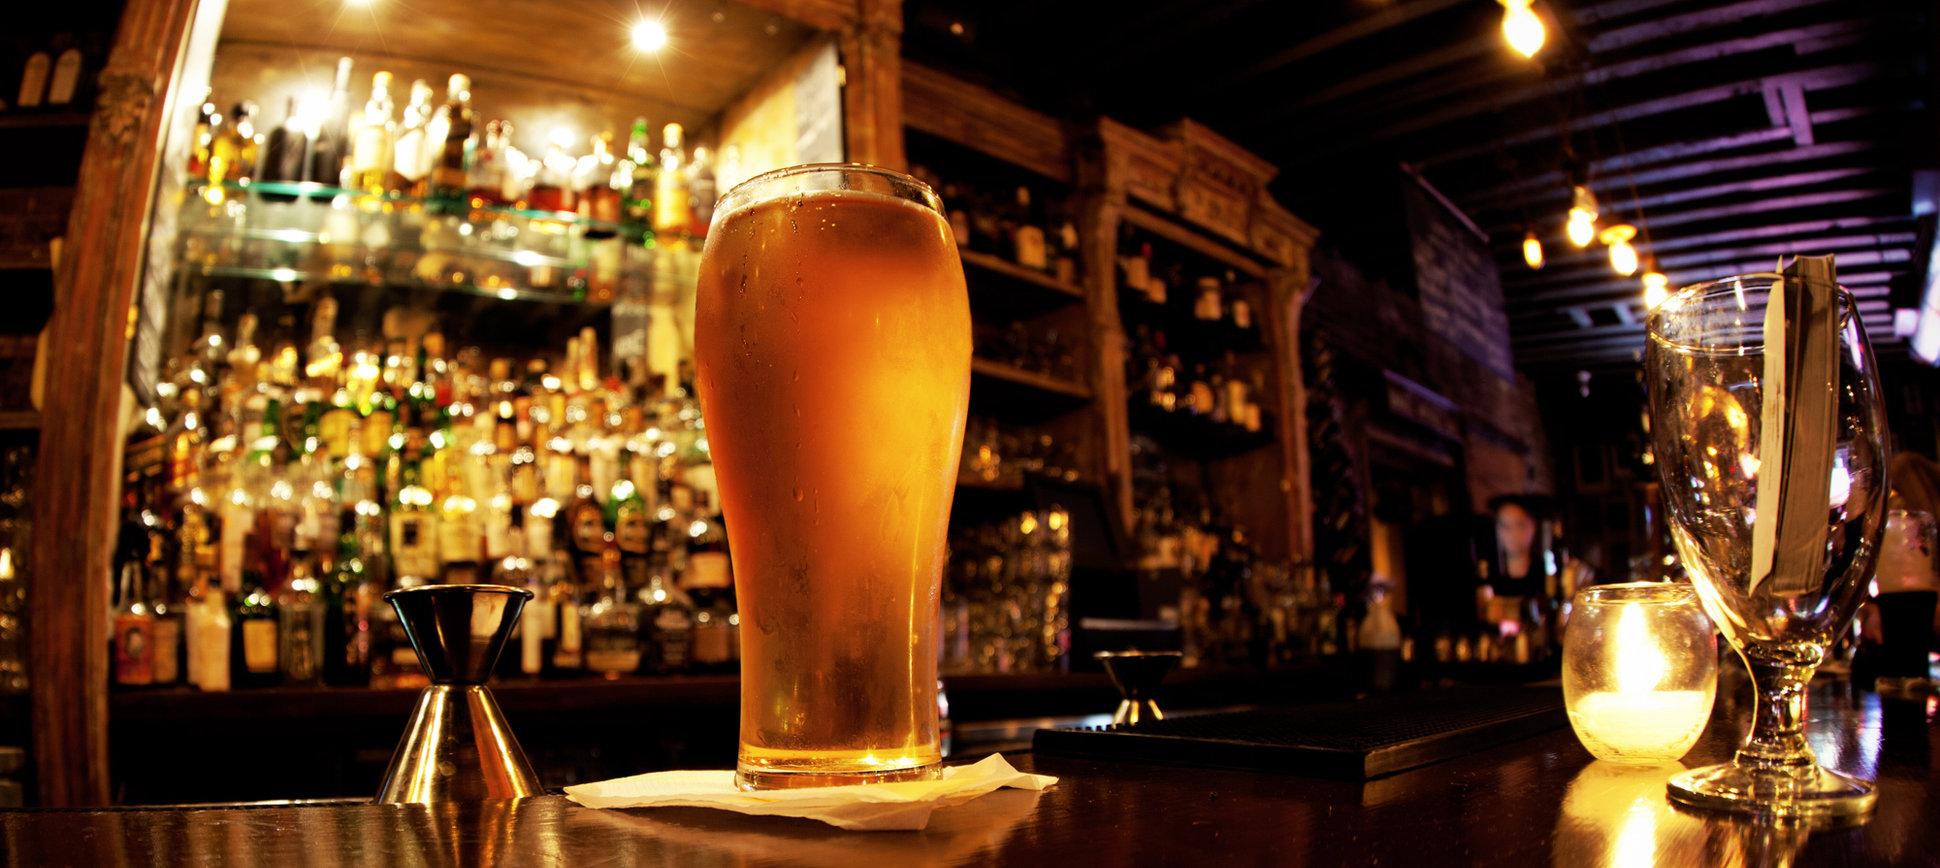 Kết quả hình ảnh cho beer